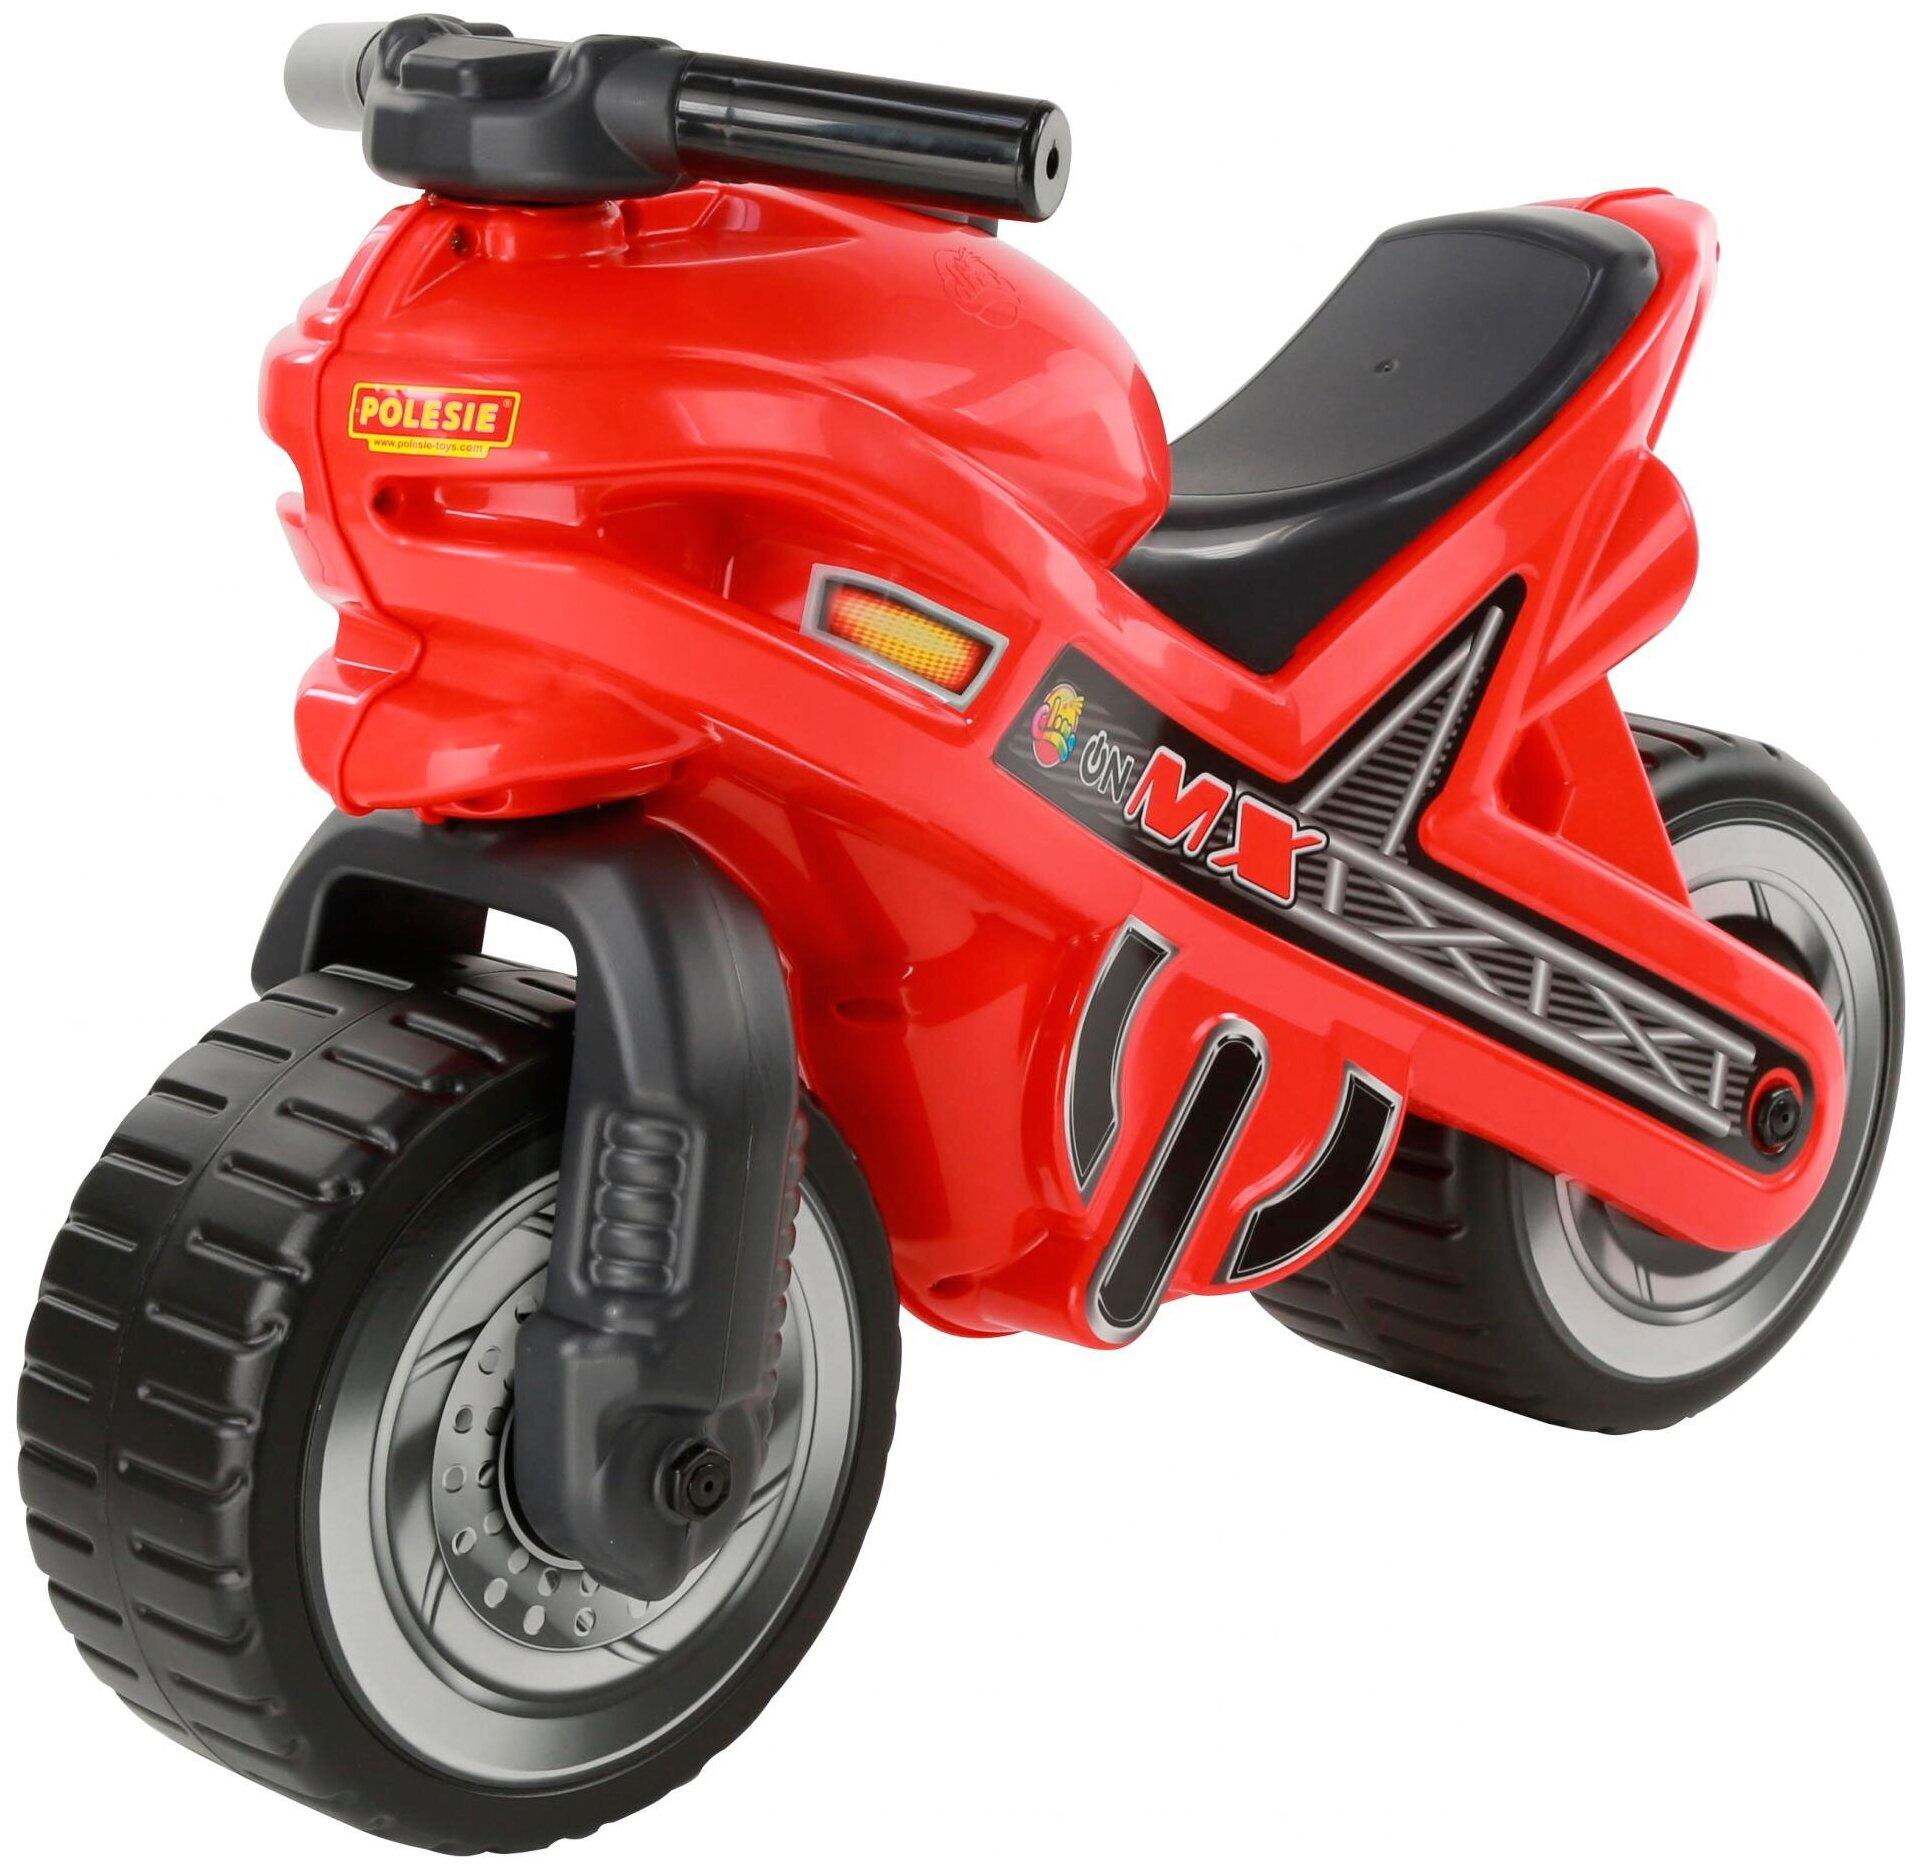 Полесье Мотоцикл МХ - длина: 70см